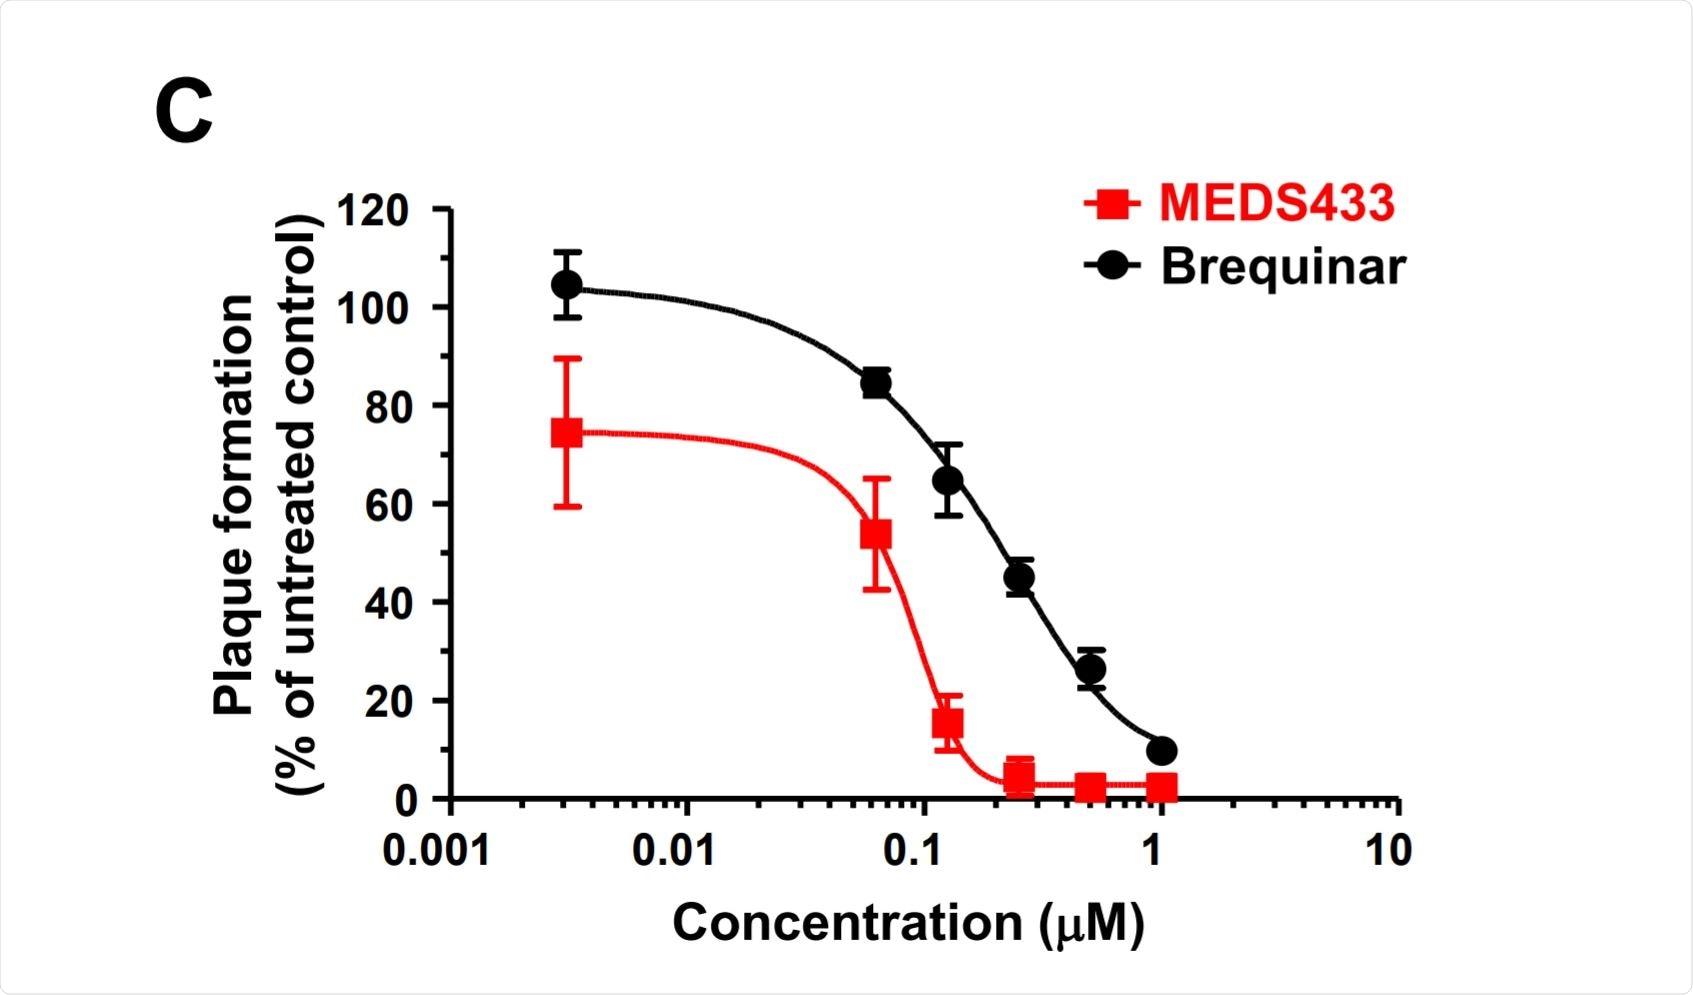 Activité antivirale de MEDS433 sur la réplication SARS-CoV-2